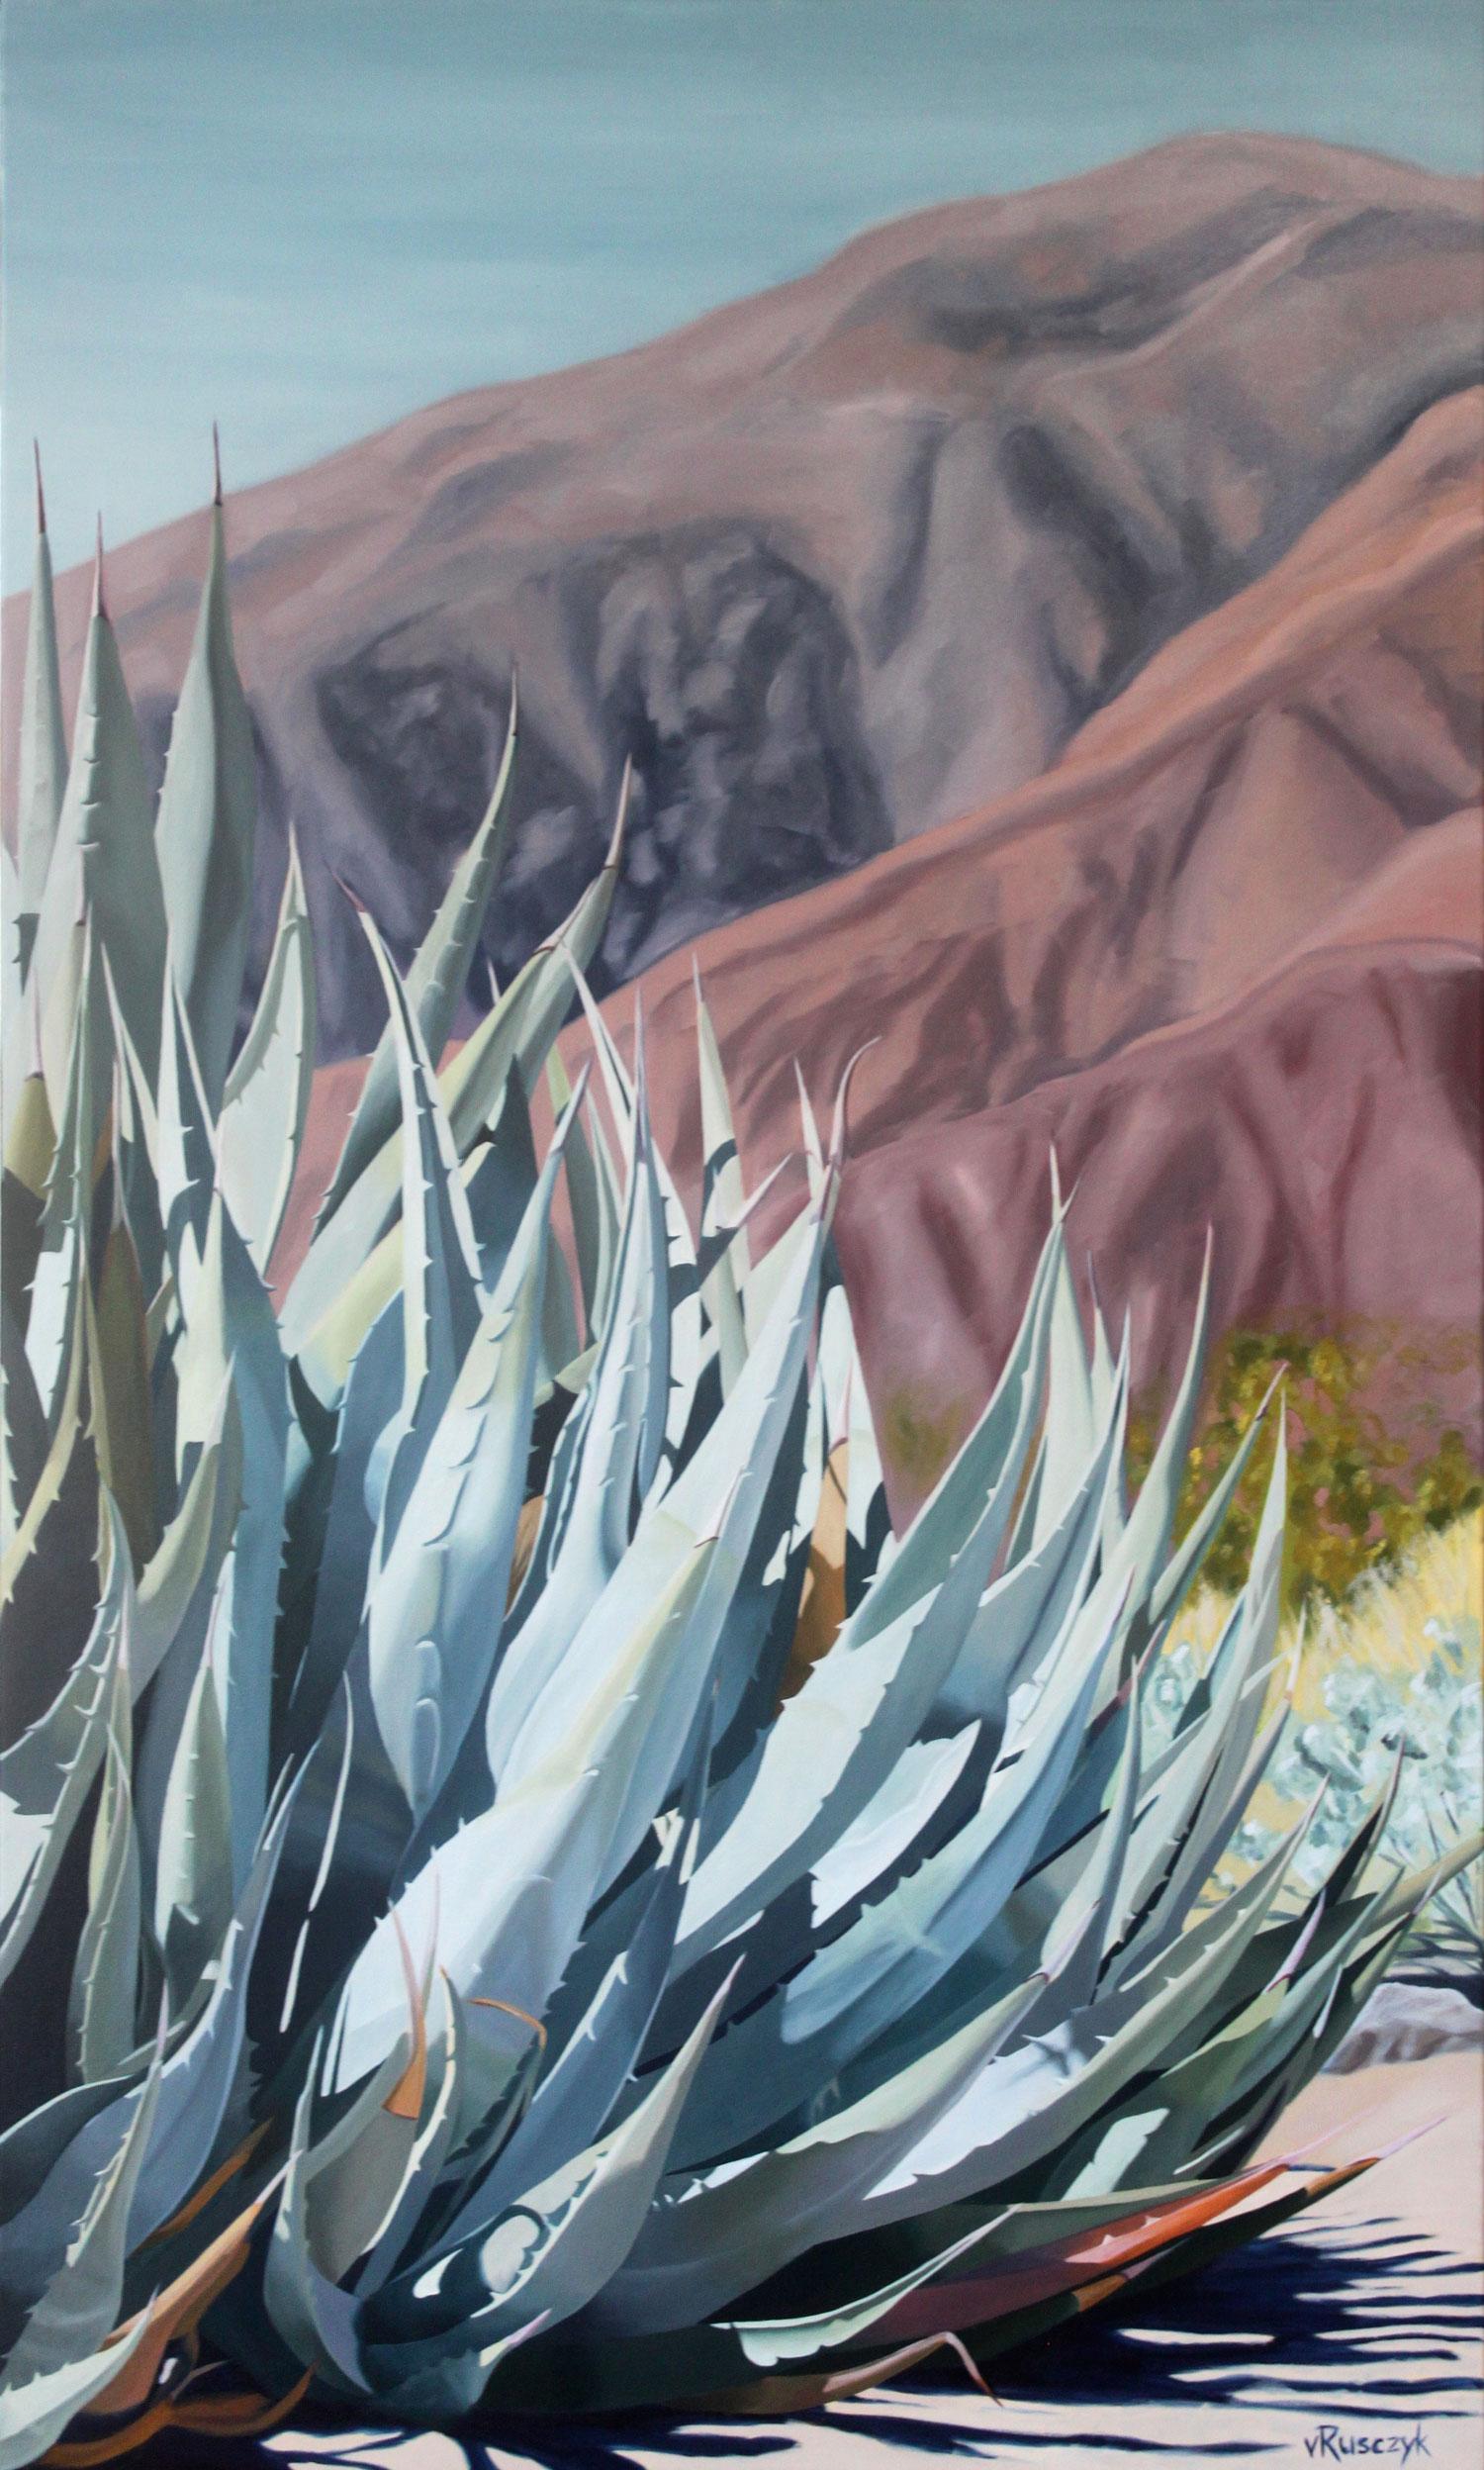 Desert Agave, Borrego Springs